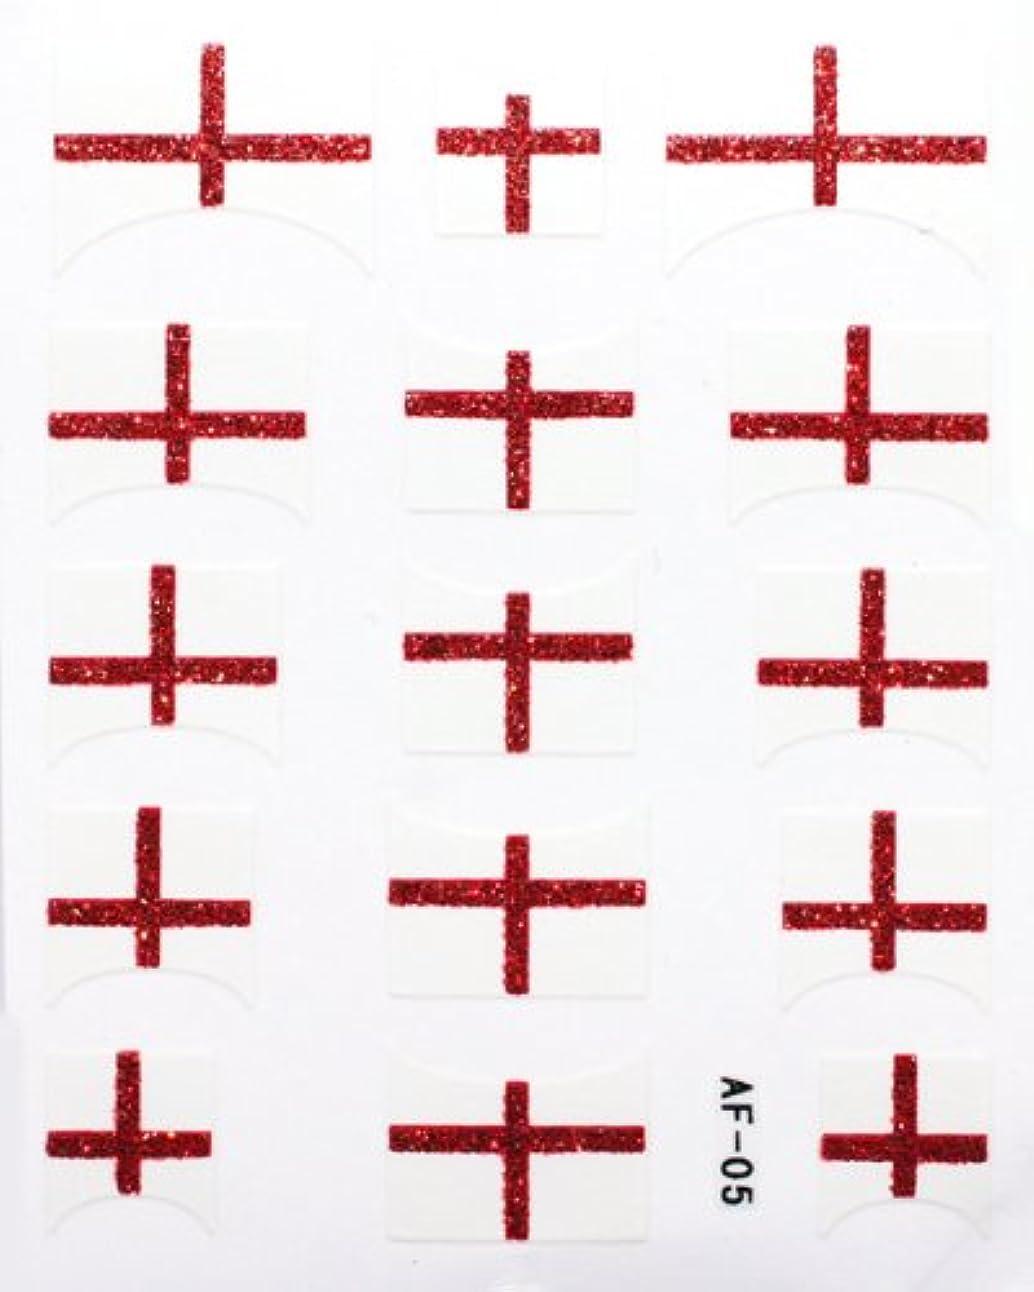 教養があるオーガニック電話に出るきらきら逆フレンチネイルシール イングランド国旗 AF05 貼るだけ ジェルネイルアート